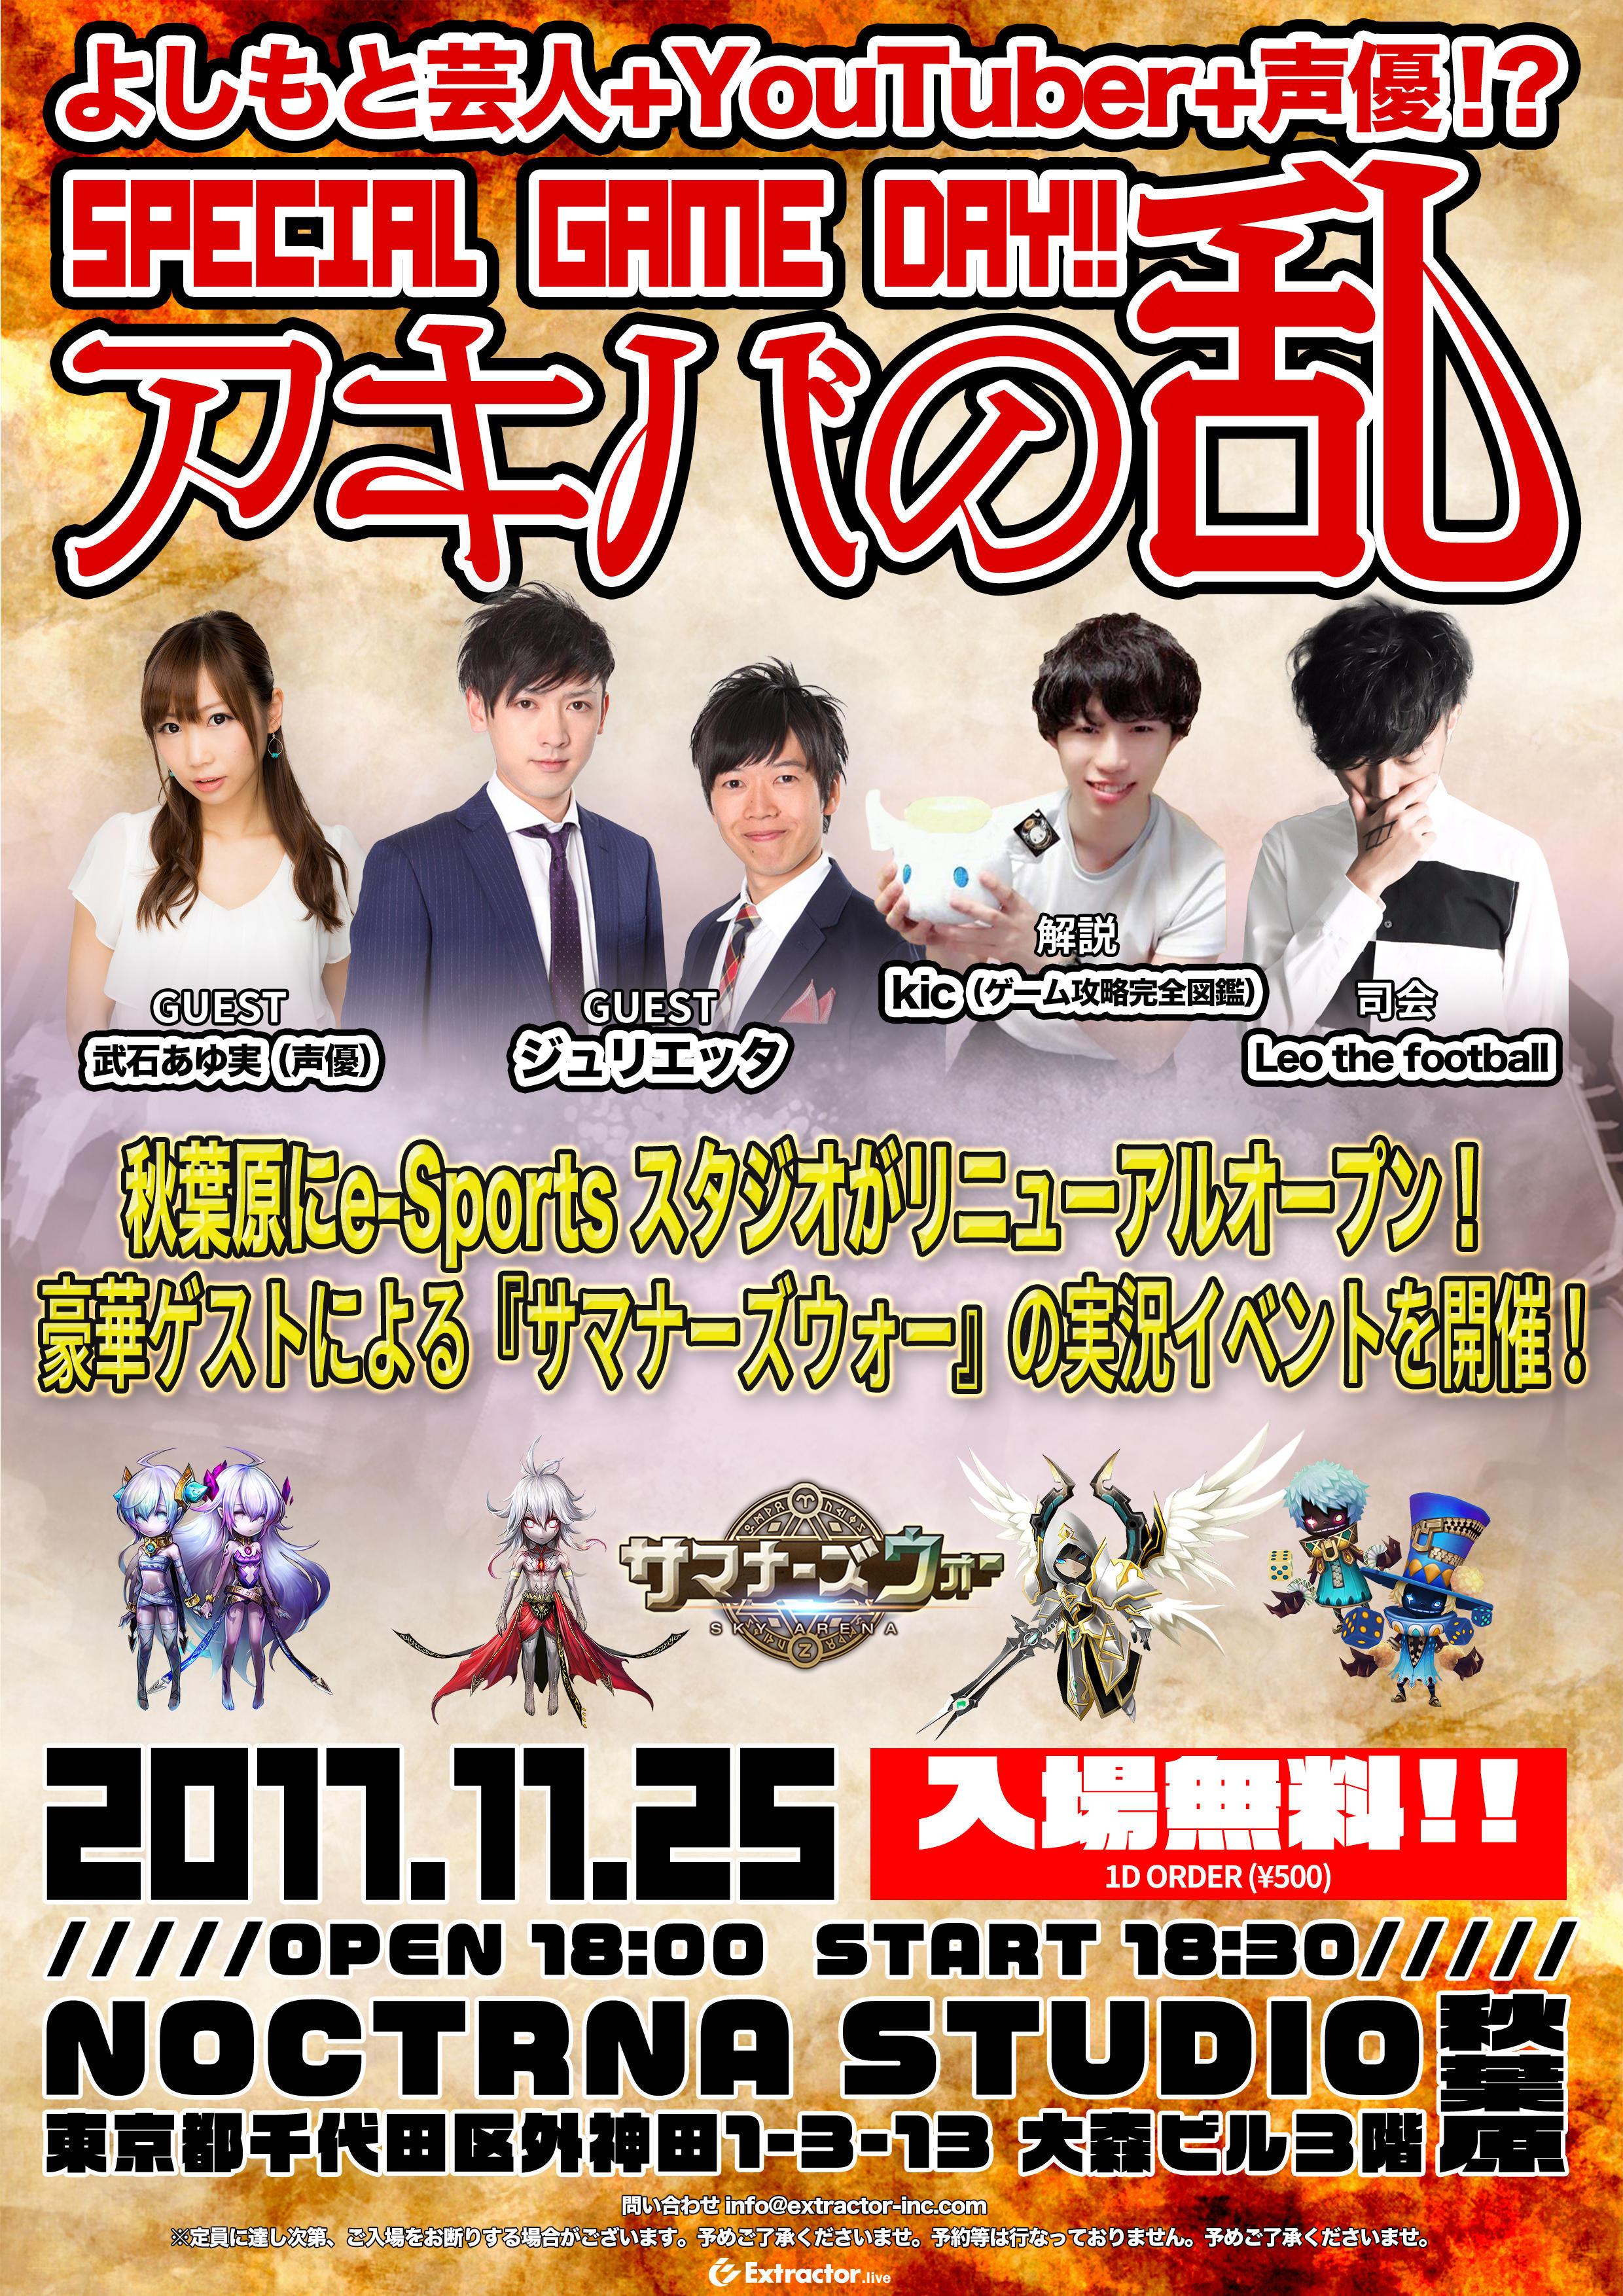 http://news.yoshimoto.co.jp/20171122155825-abf954f9c140d279843cce995b16a89924e086eb.jpg